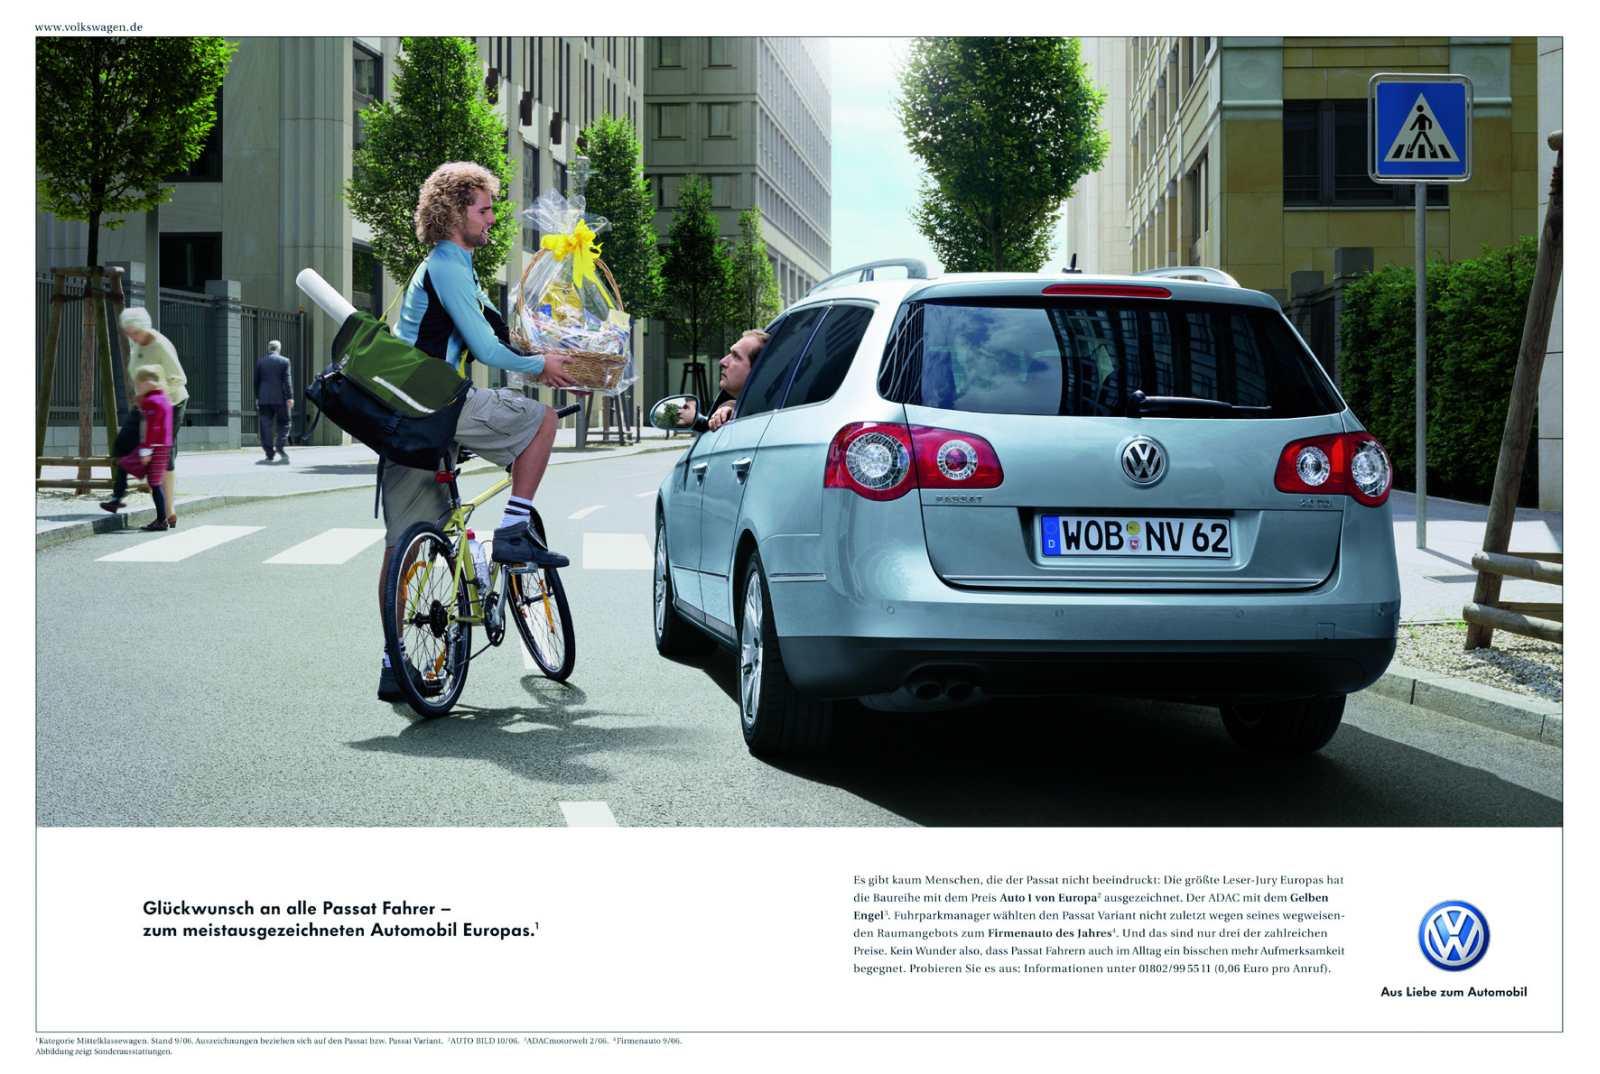 automobilwerbung vw mit interessantesten kampagnen